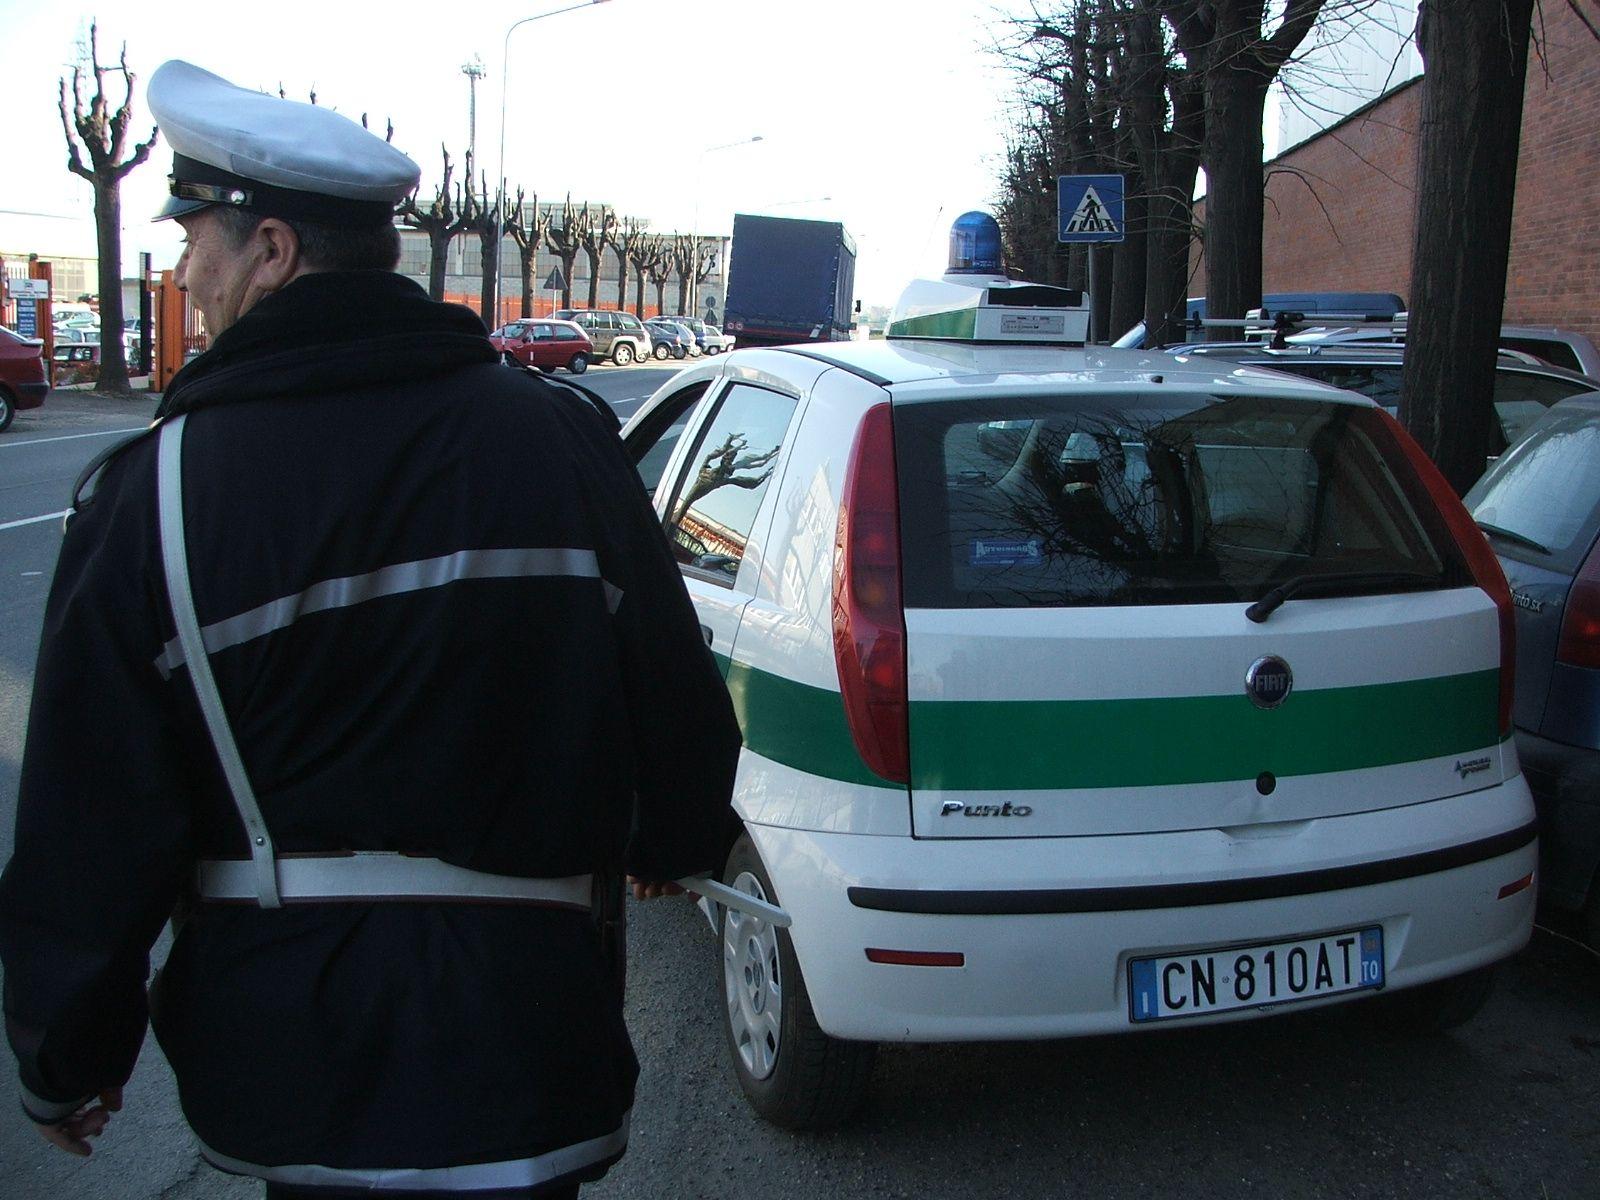 CIRIE' - Prende al collo una donna per un parcheggio: denunciato